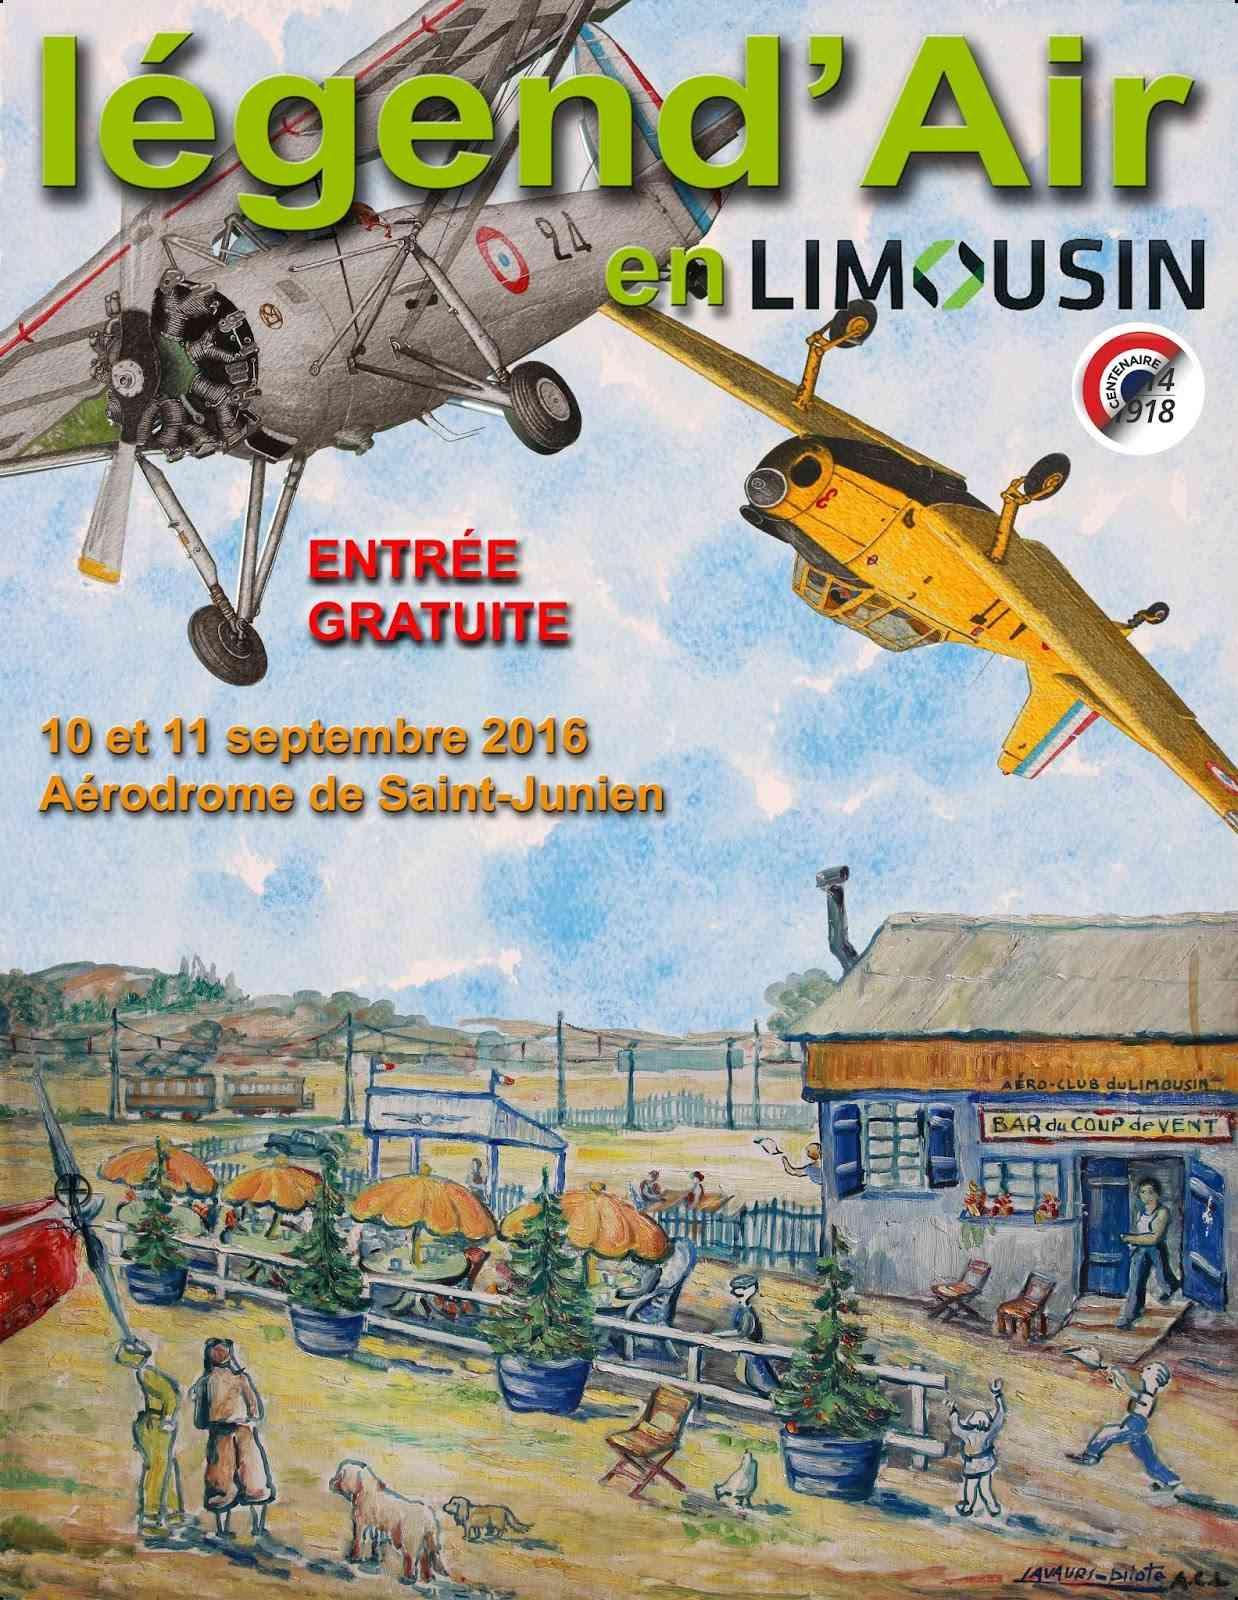 Légend'Air en Limousin 2016,Aérodrome de Saint Junien, Meeting Aerien 2016,Airshow 2016, French Airshow 2016